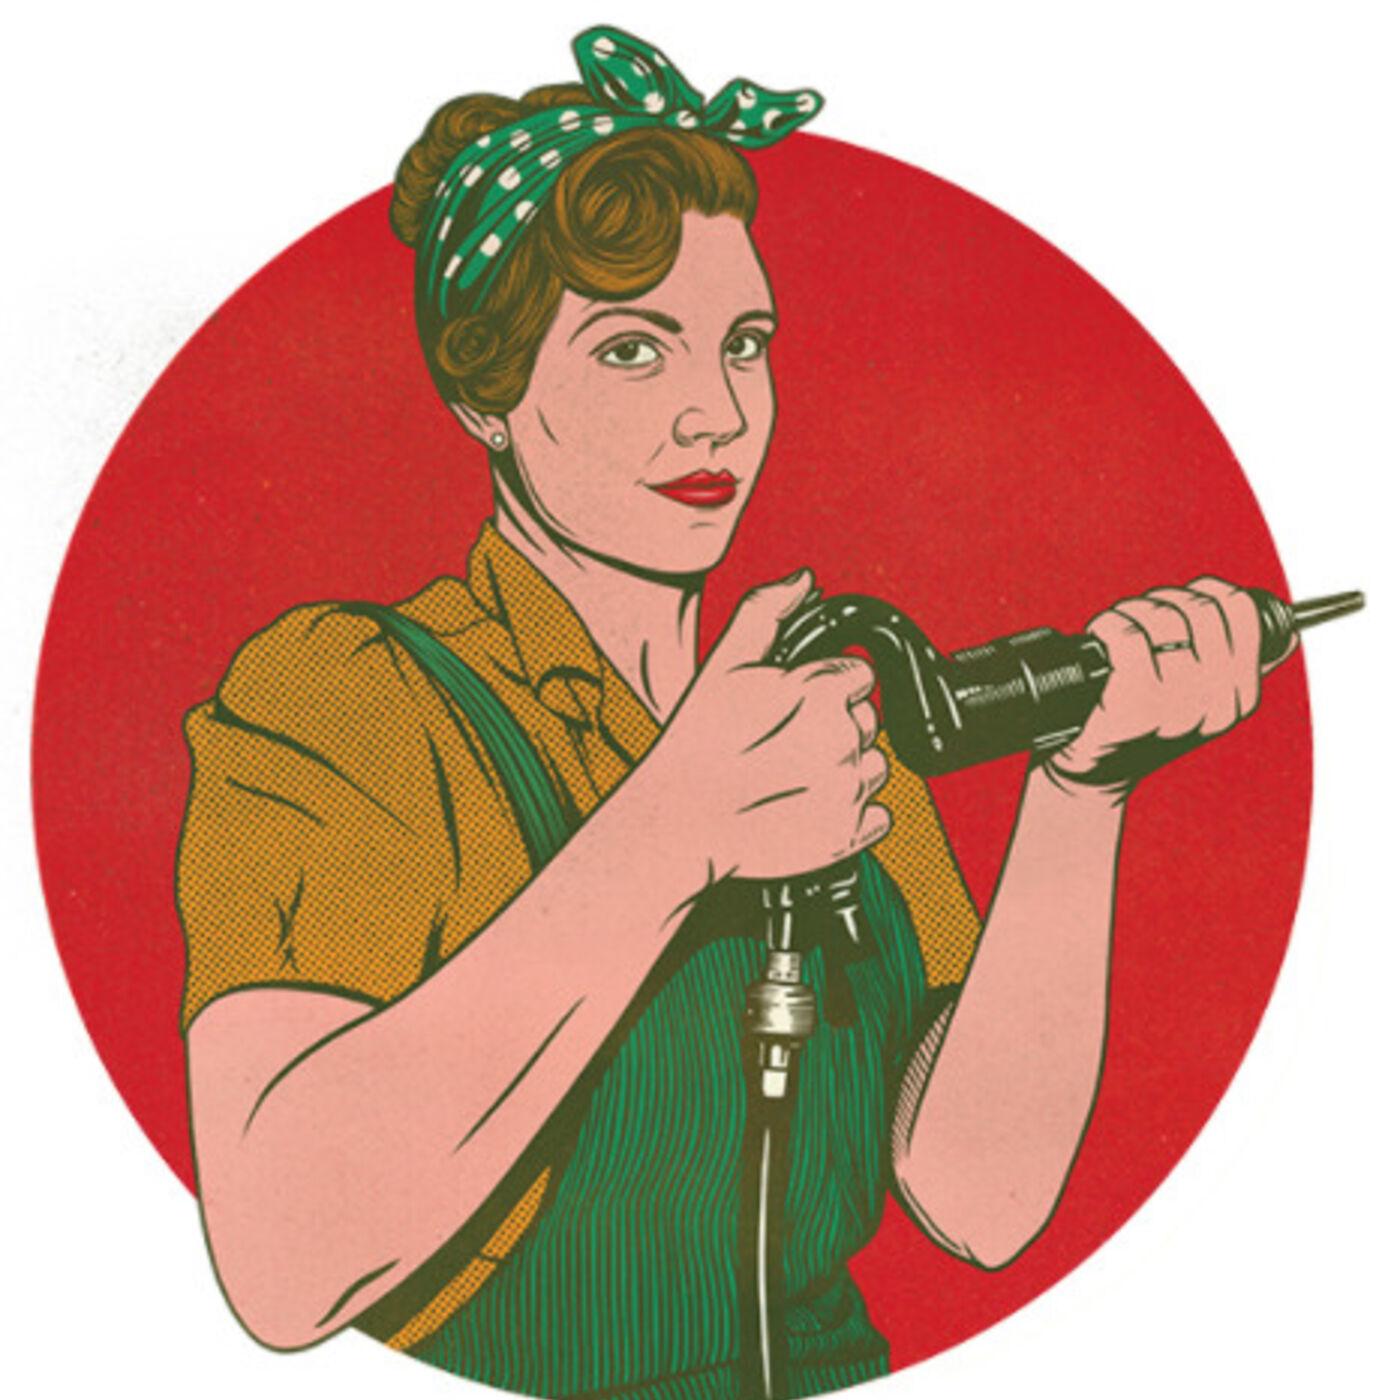 3: Rosie the Riveter: American Goddess